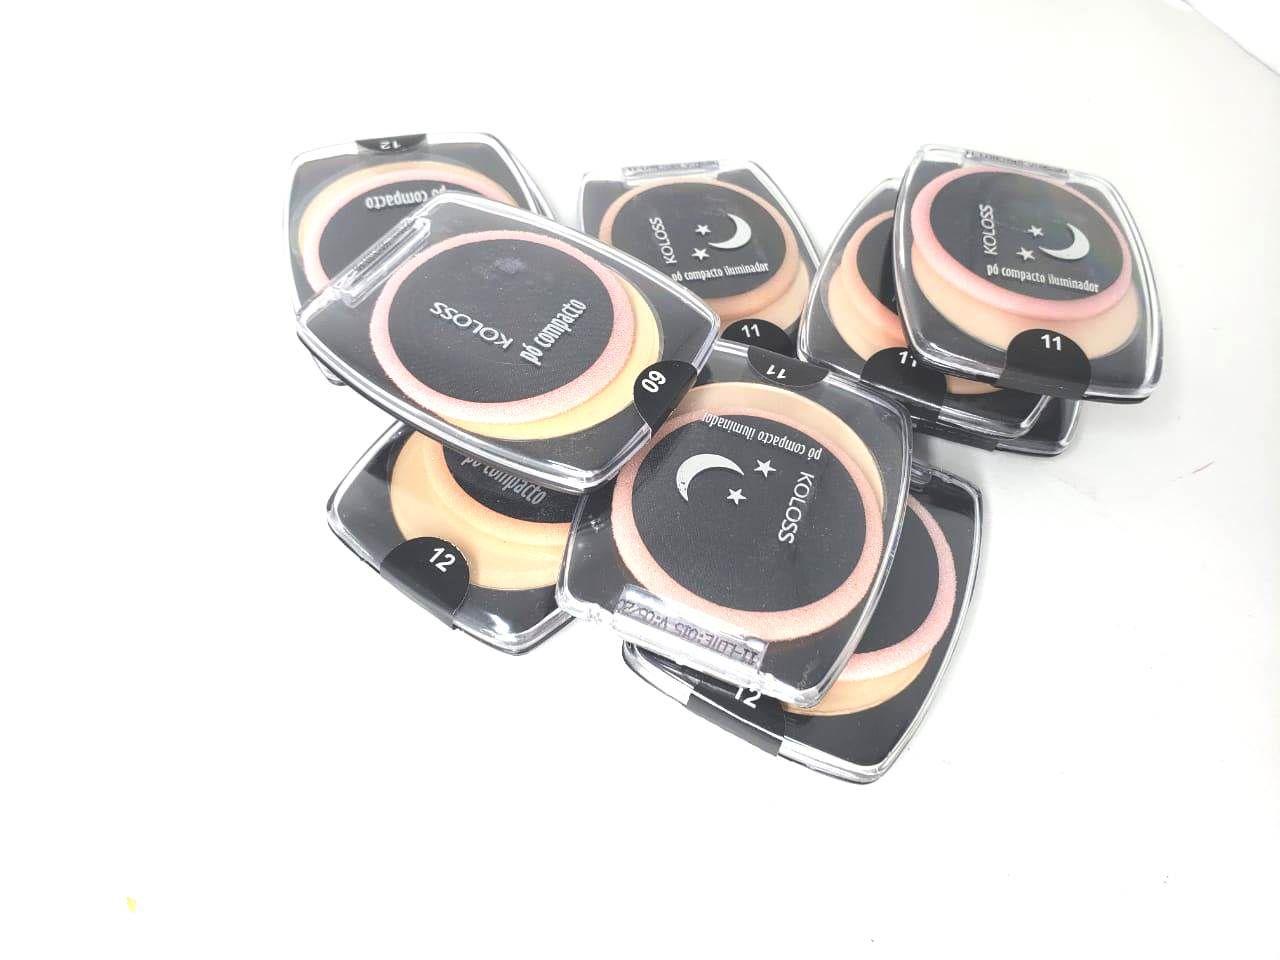 Caixa Pó compacto koloss cor 14 c/ 10 un -preço de custo